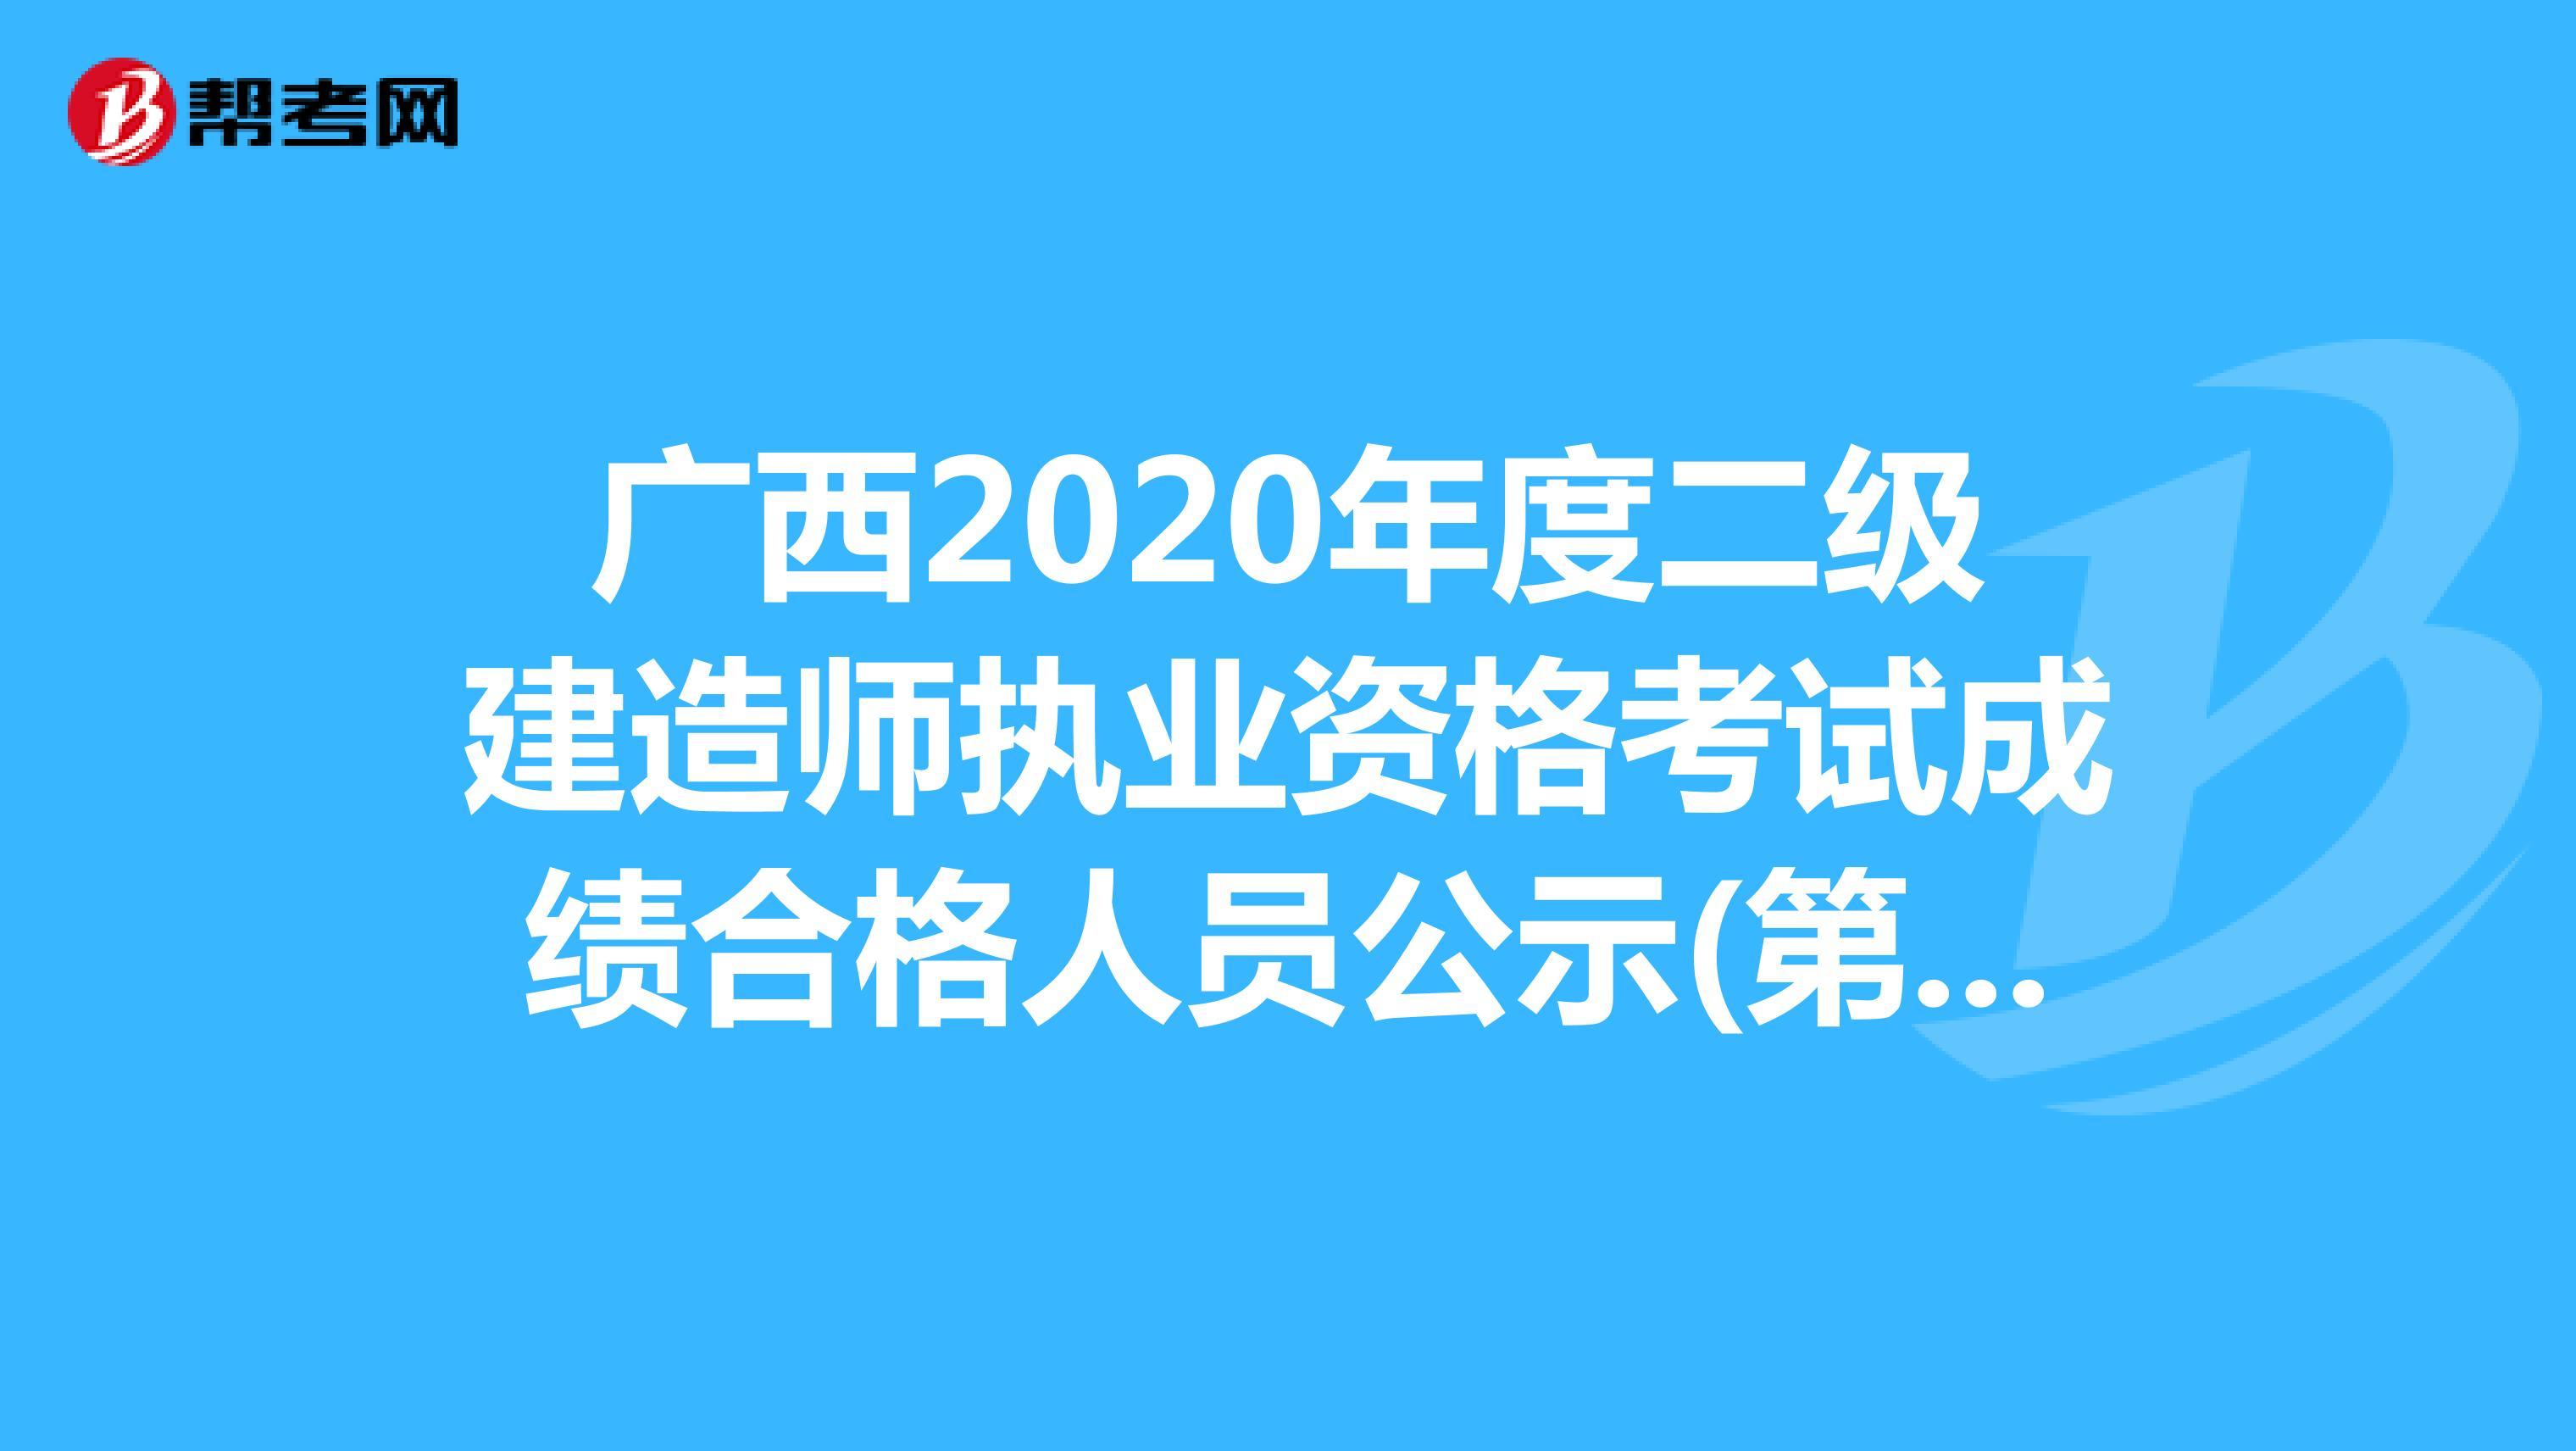 广西2020年度二级建造师执业资格考试成绩合格人员公示(第二批)